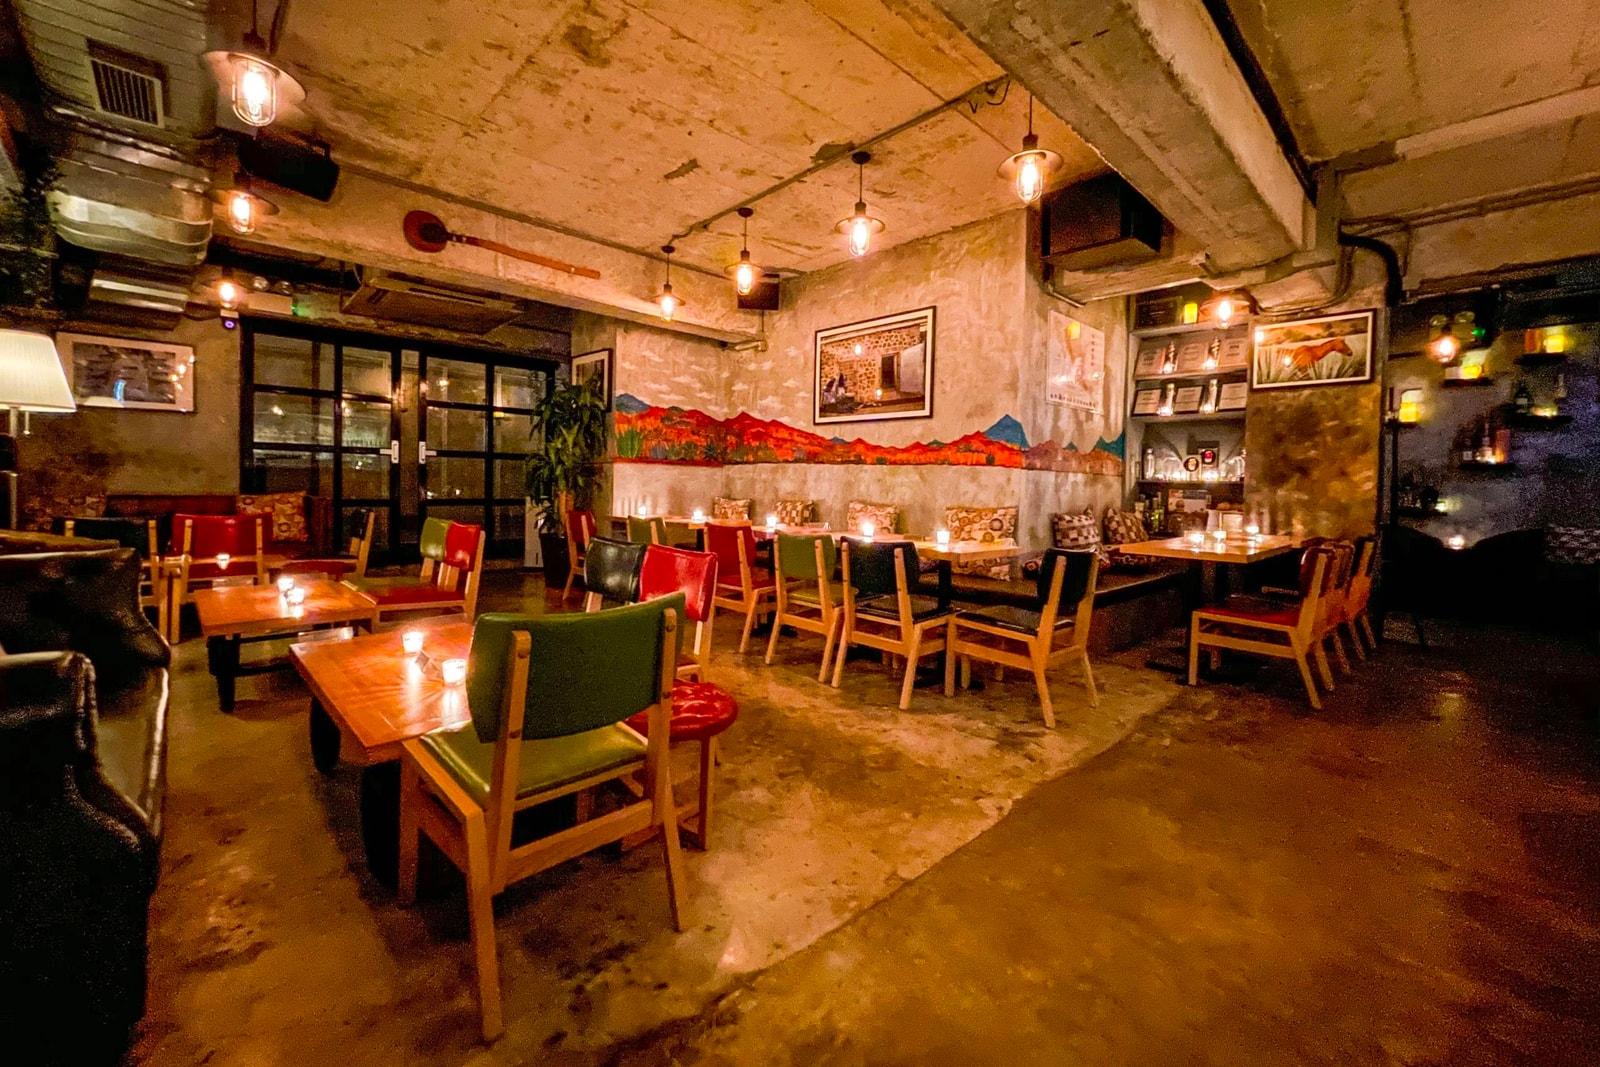 走訪香港、台北、上海、東京|詳介 2021 年度亞洲最佳酒吧前 10 名